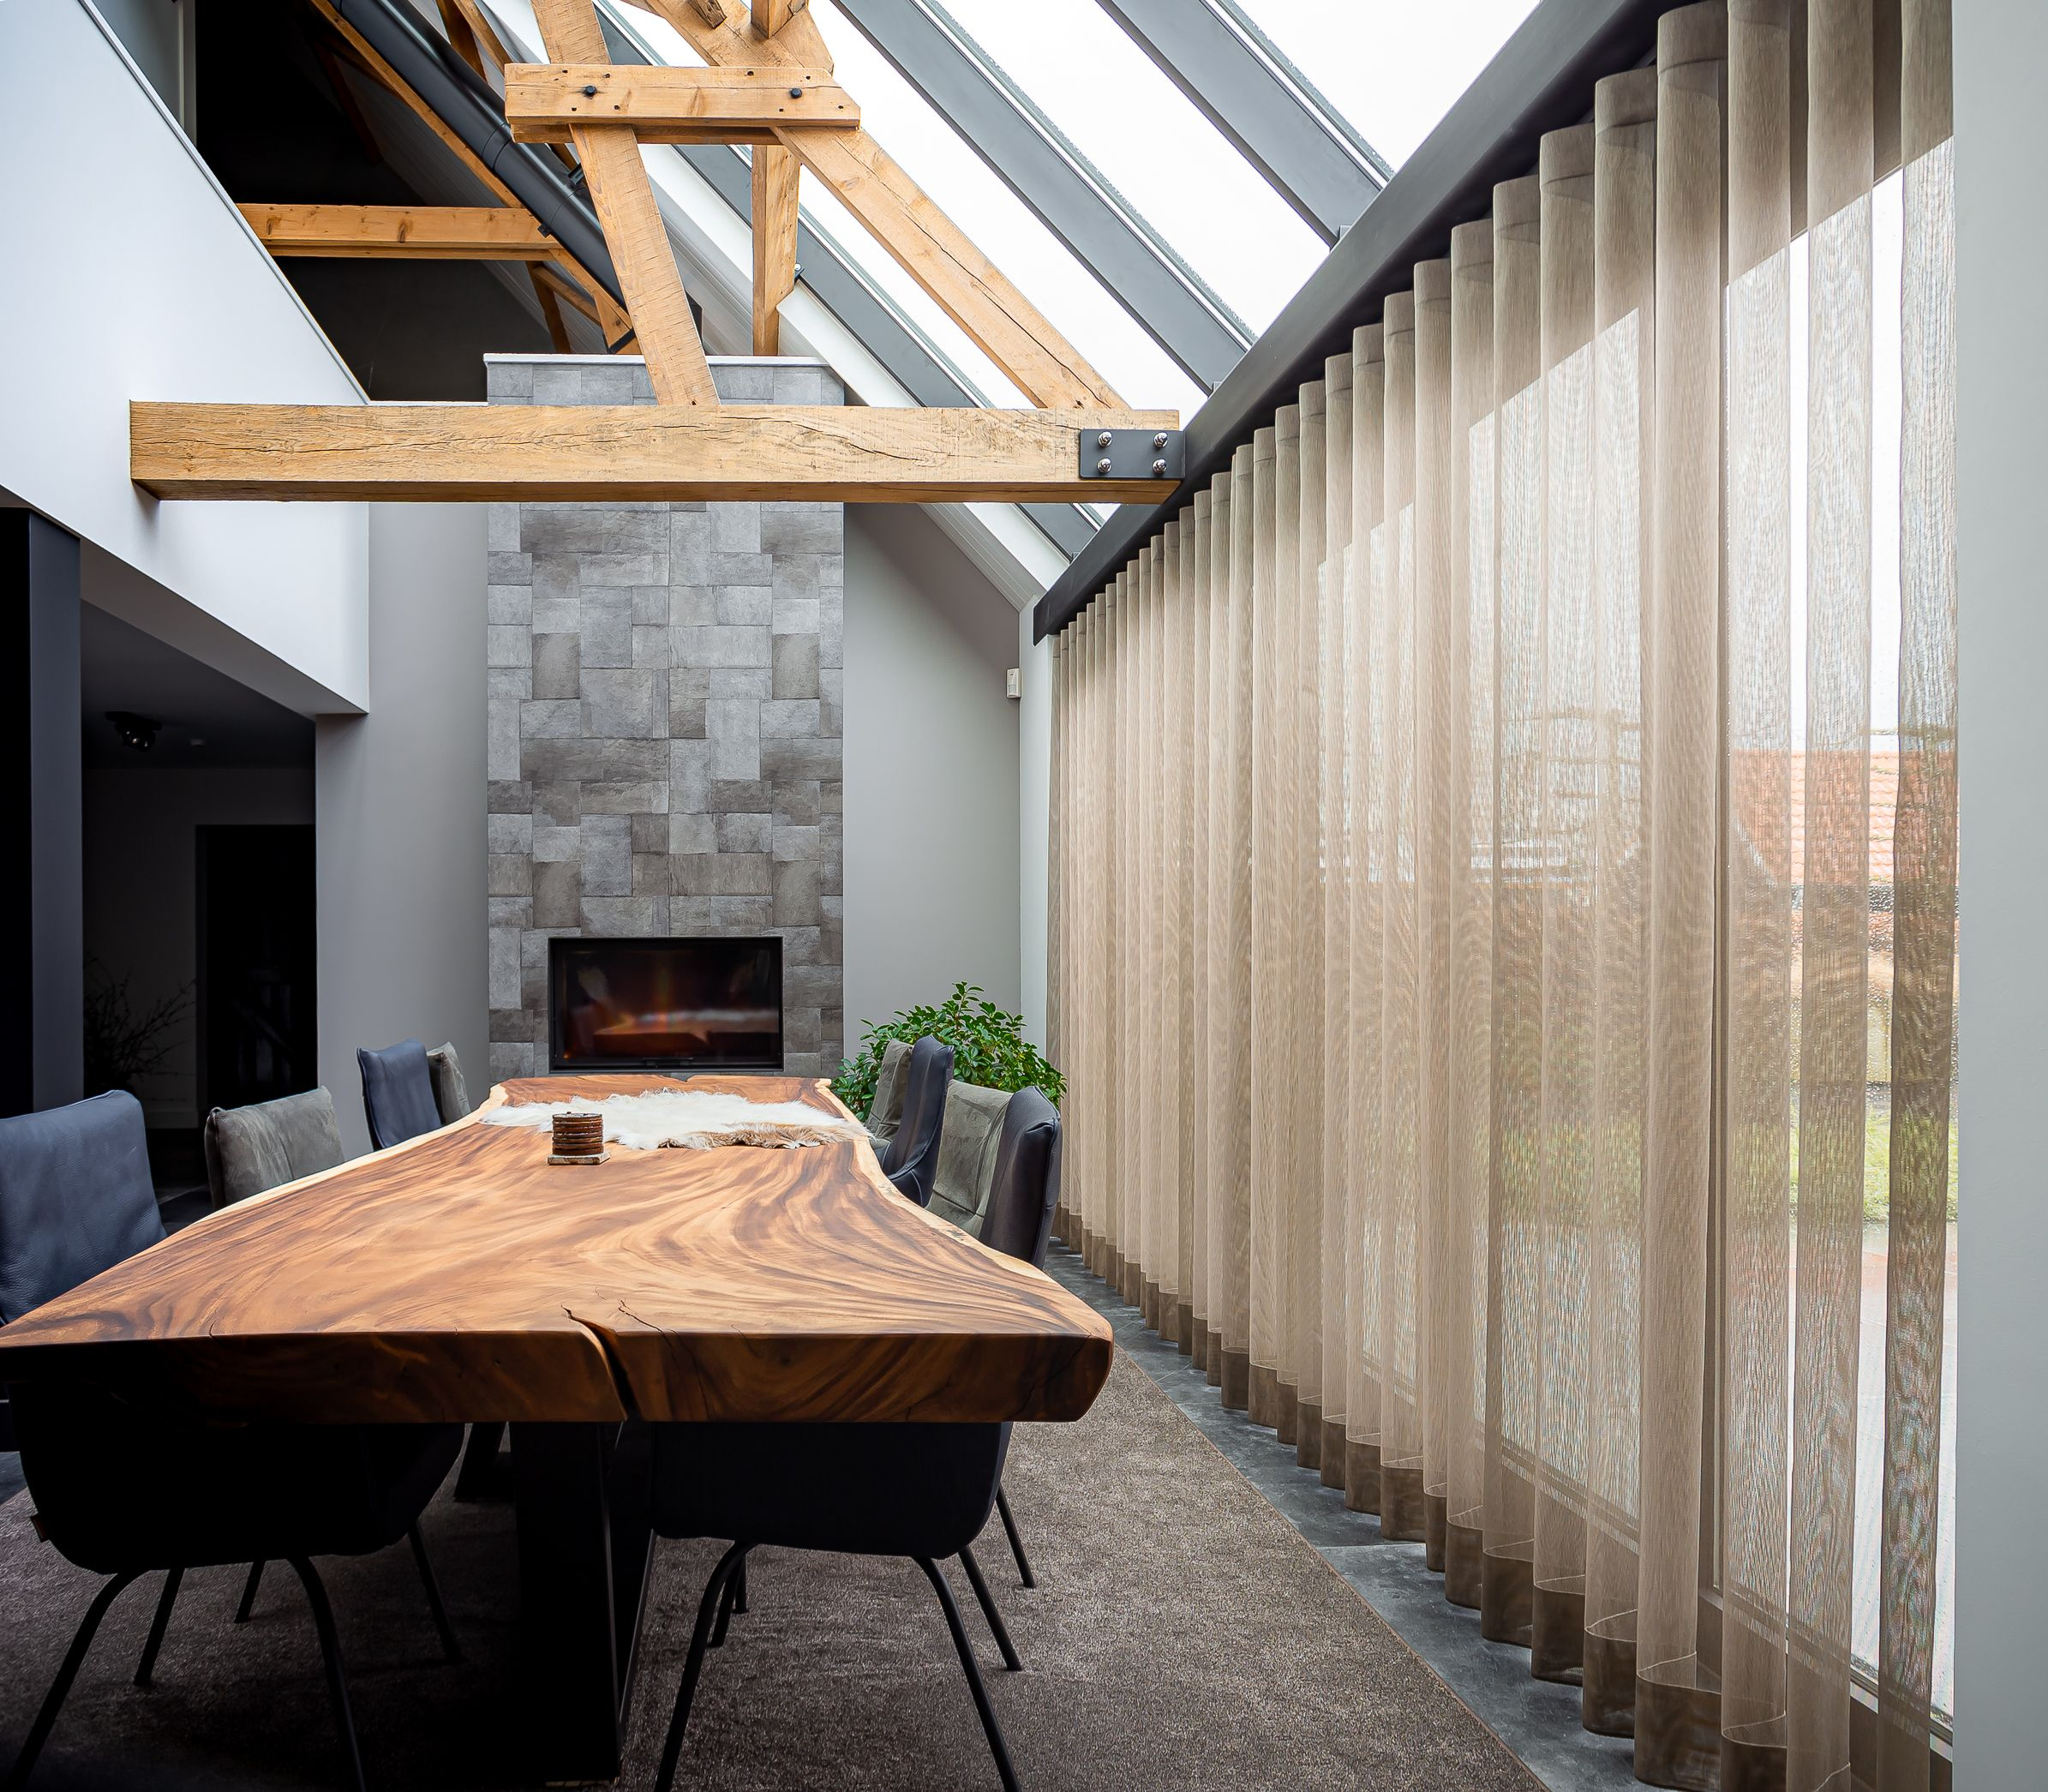 Eetkamer met gordijnen van NEGENTIEN80. #dining #eetkamer #diningroom #curtains #gordijnen #fabrics #diningtable #eettafel #woodentable #eetkamerstoelen #chairs #haard #carpets #window